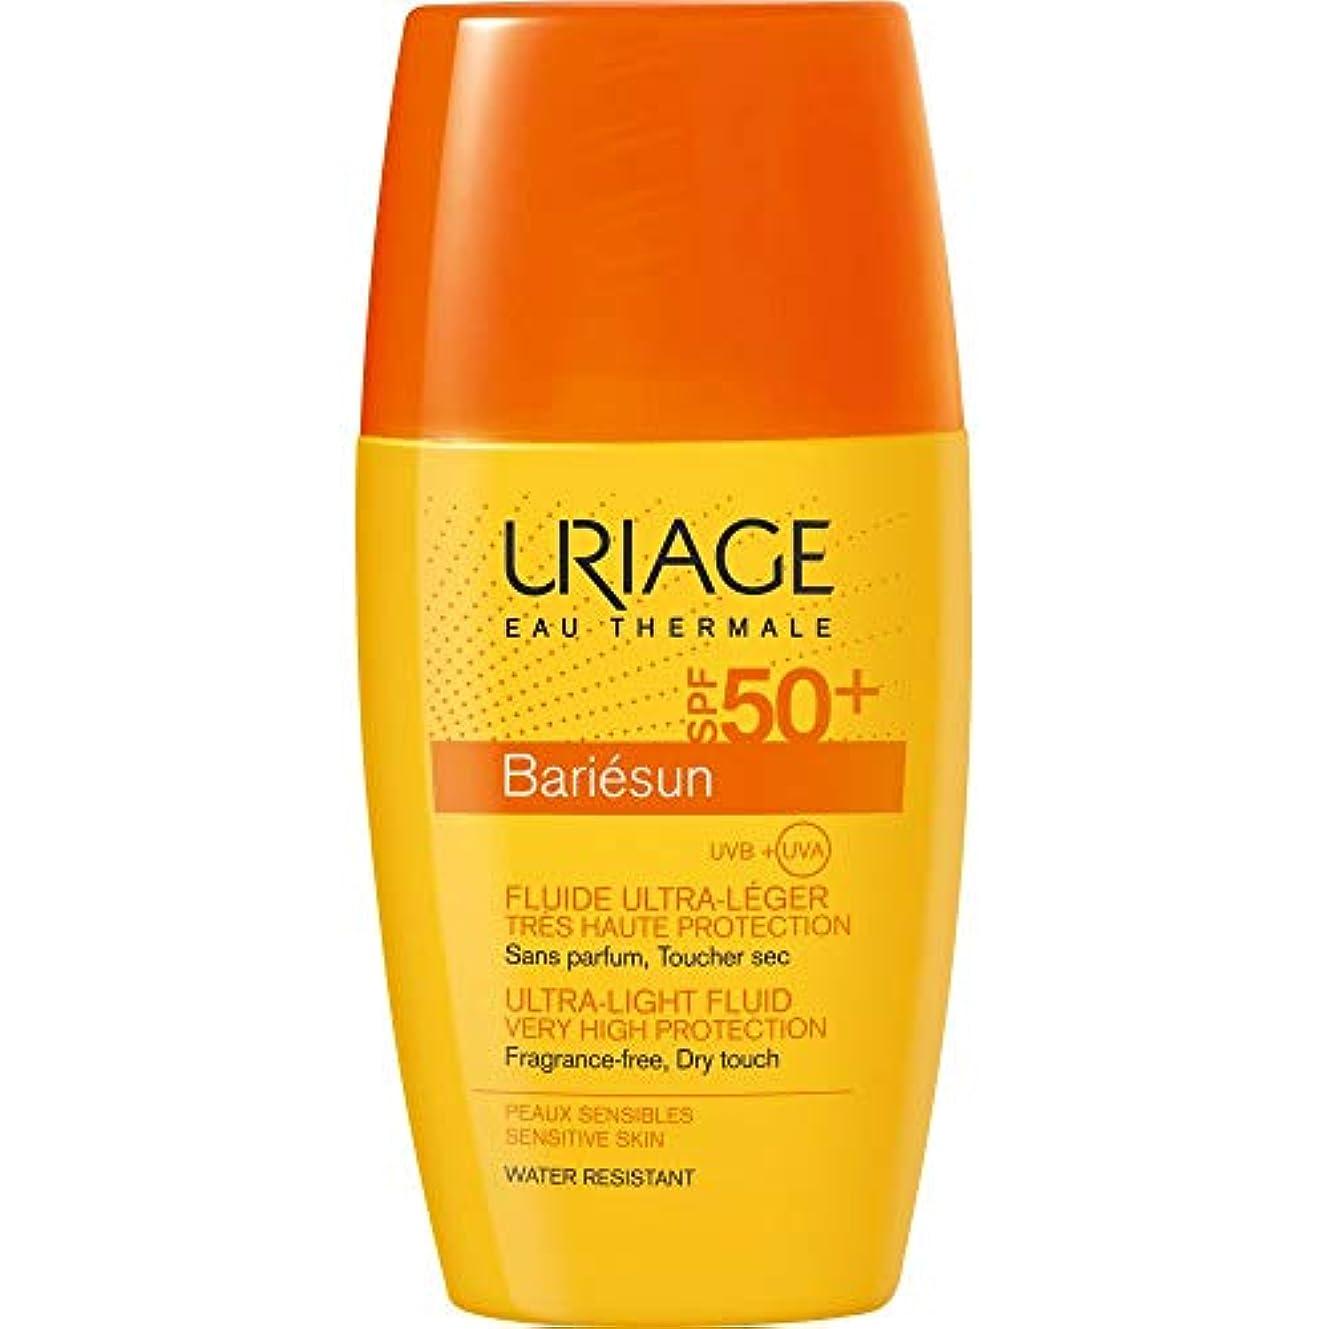 フォームプロペラ渦[Uriage] Uriage Bariesun超軽量流体Spf50 + 30ミリリットル - Uriage Bariesun Ultra-Light Fluid SPF50+ 30ml [並行輸入品]